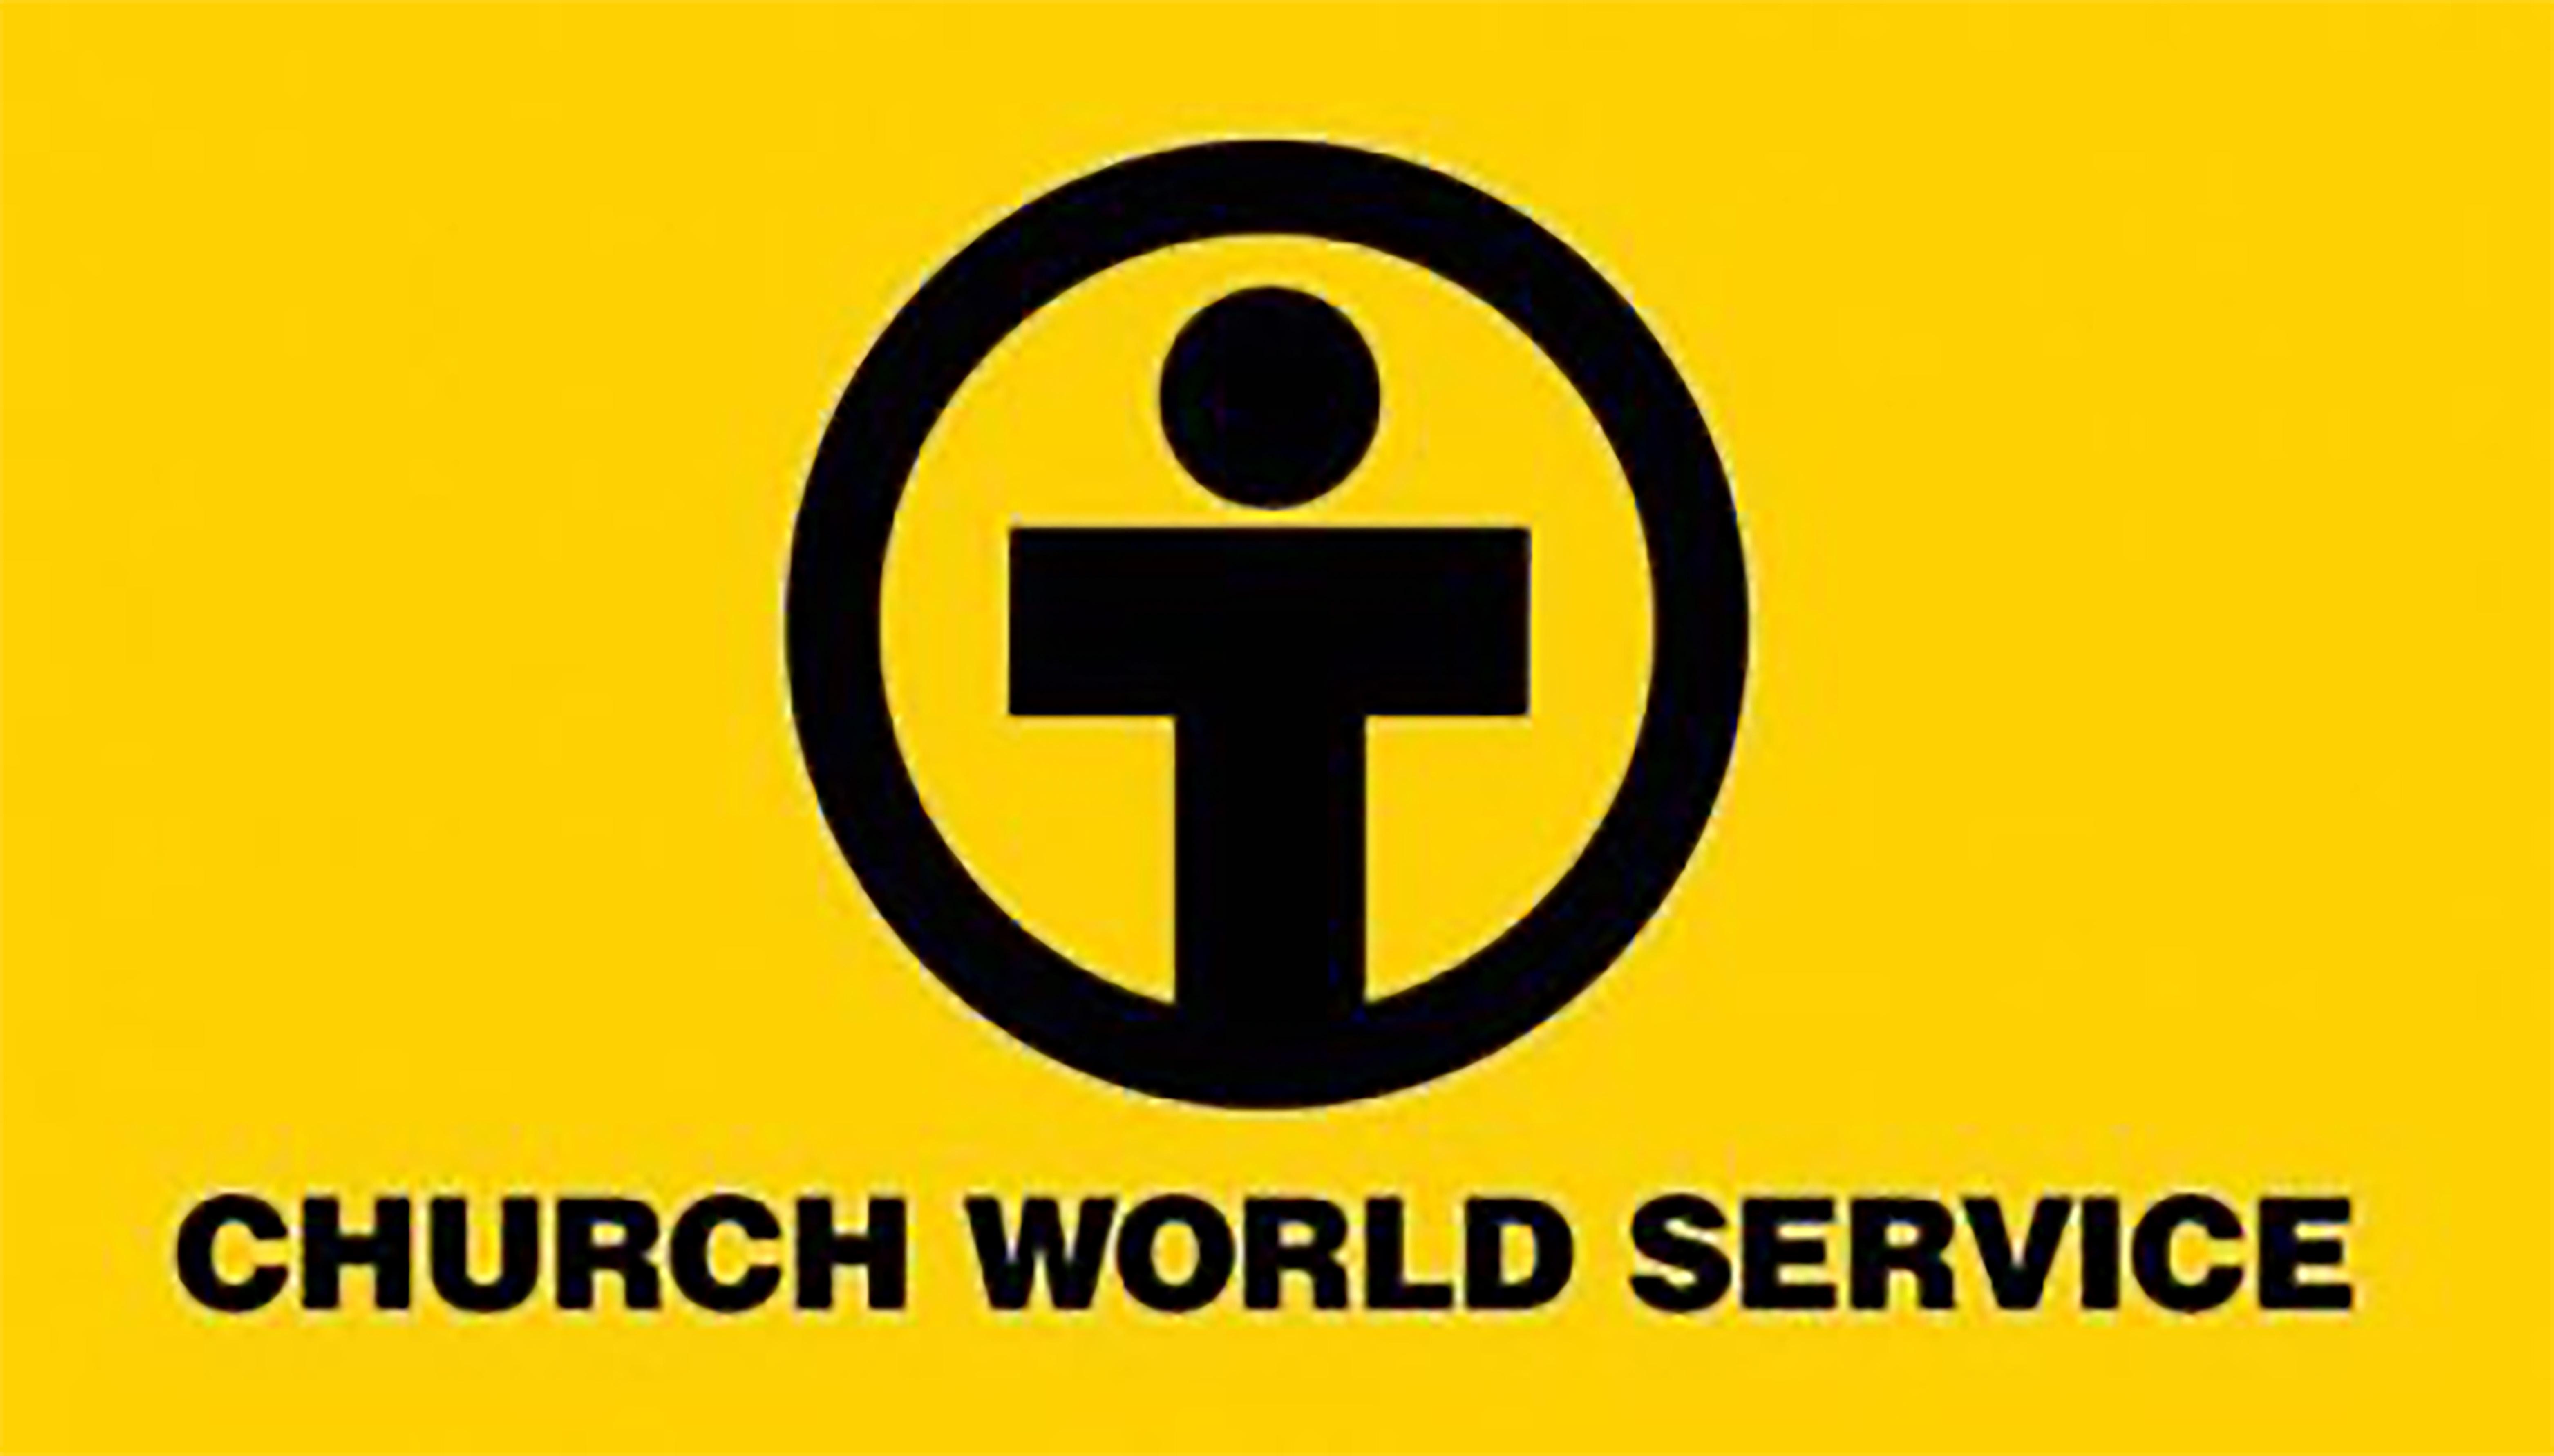 El Servicio Mundial de Iglesias (Church World Service -CWS), es una agencia humanitaria de apoyo a programas de promoción humana, ayuda humanitaria y a refugiados/as. Gráfico cortesía del CWS.